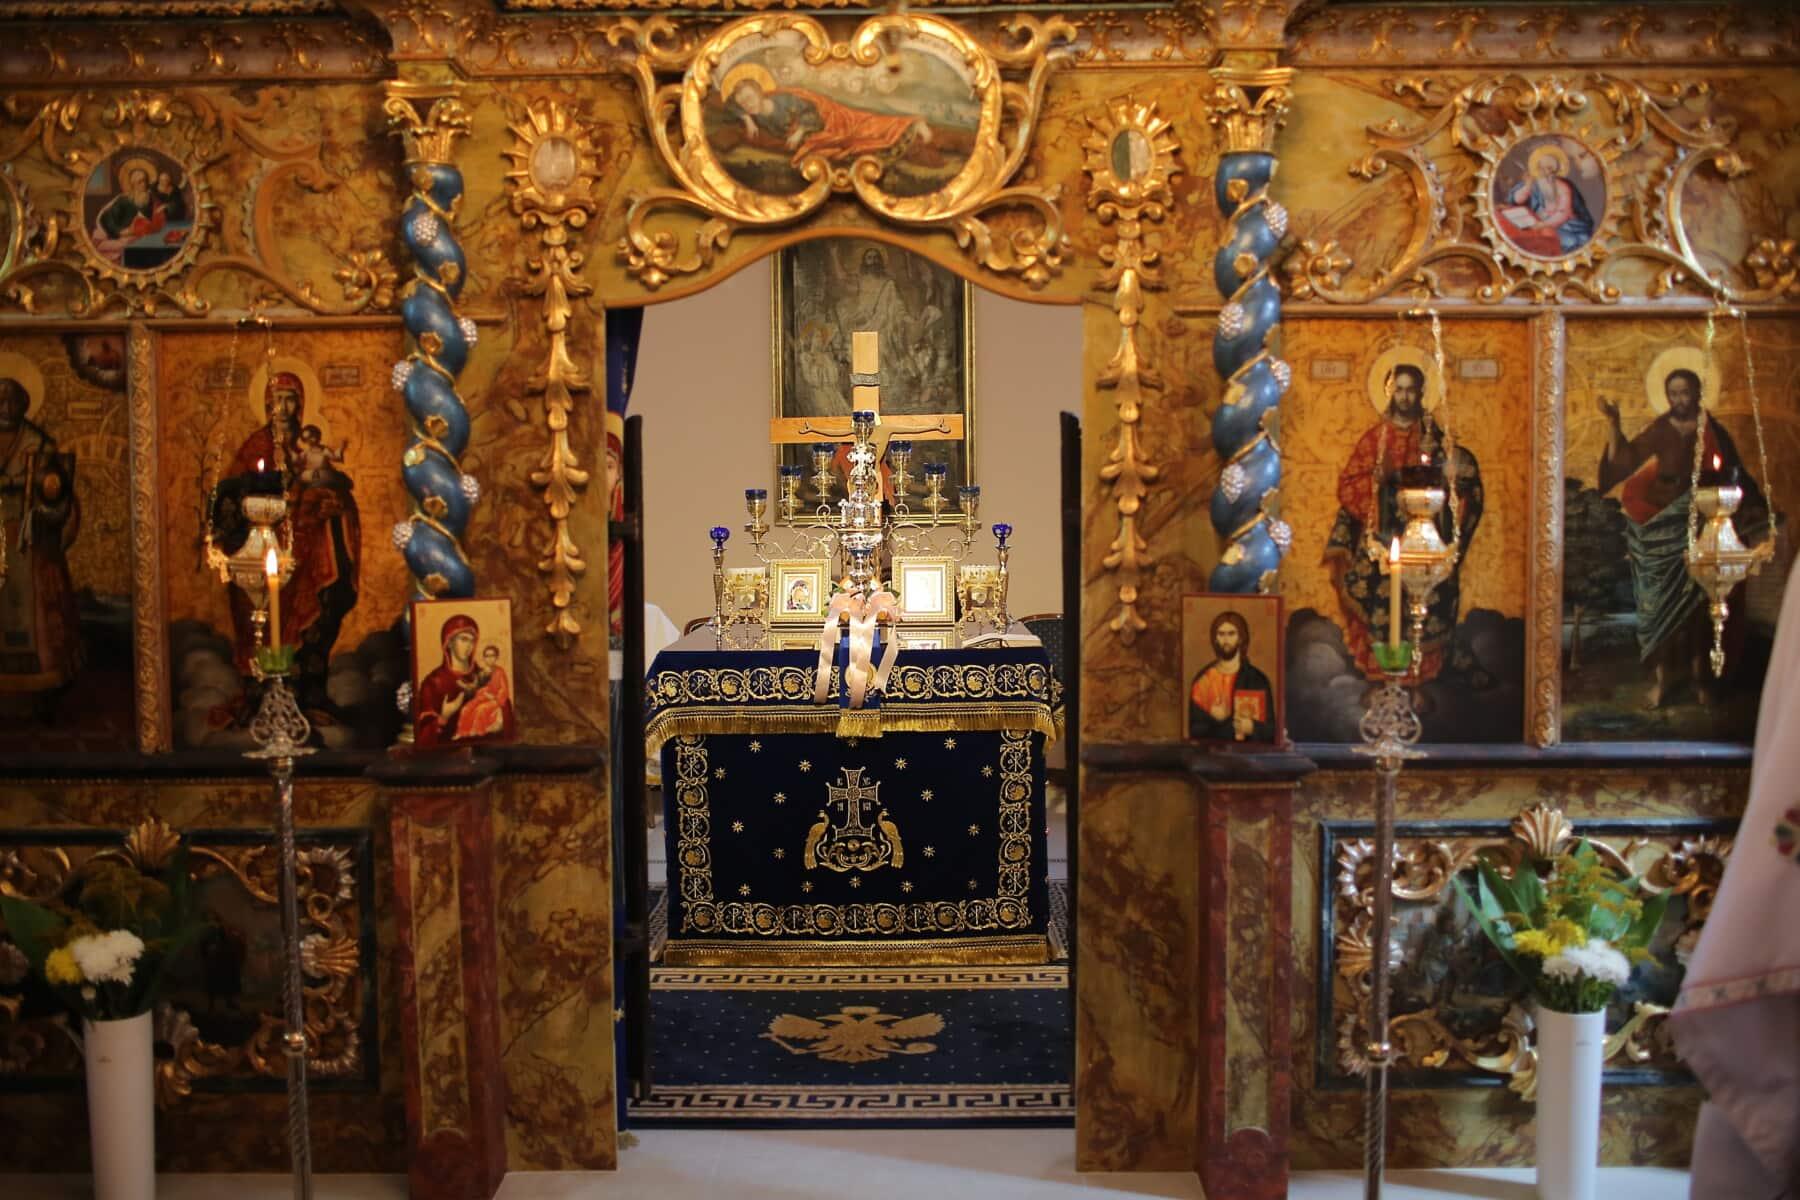 Altar, orthodoxe, Ornament, mittelalterliche, Christentum, religiöse, Innendekoration, Interieur-design, Heilige, Kirche